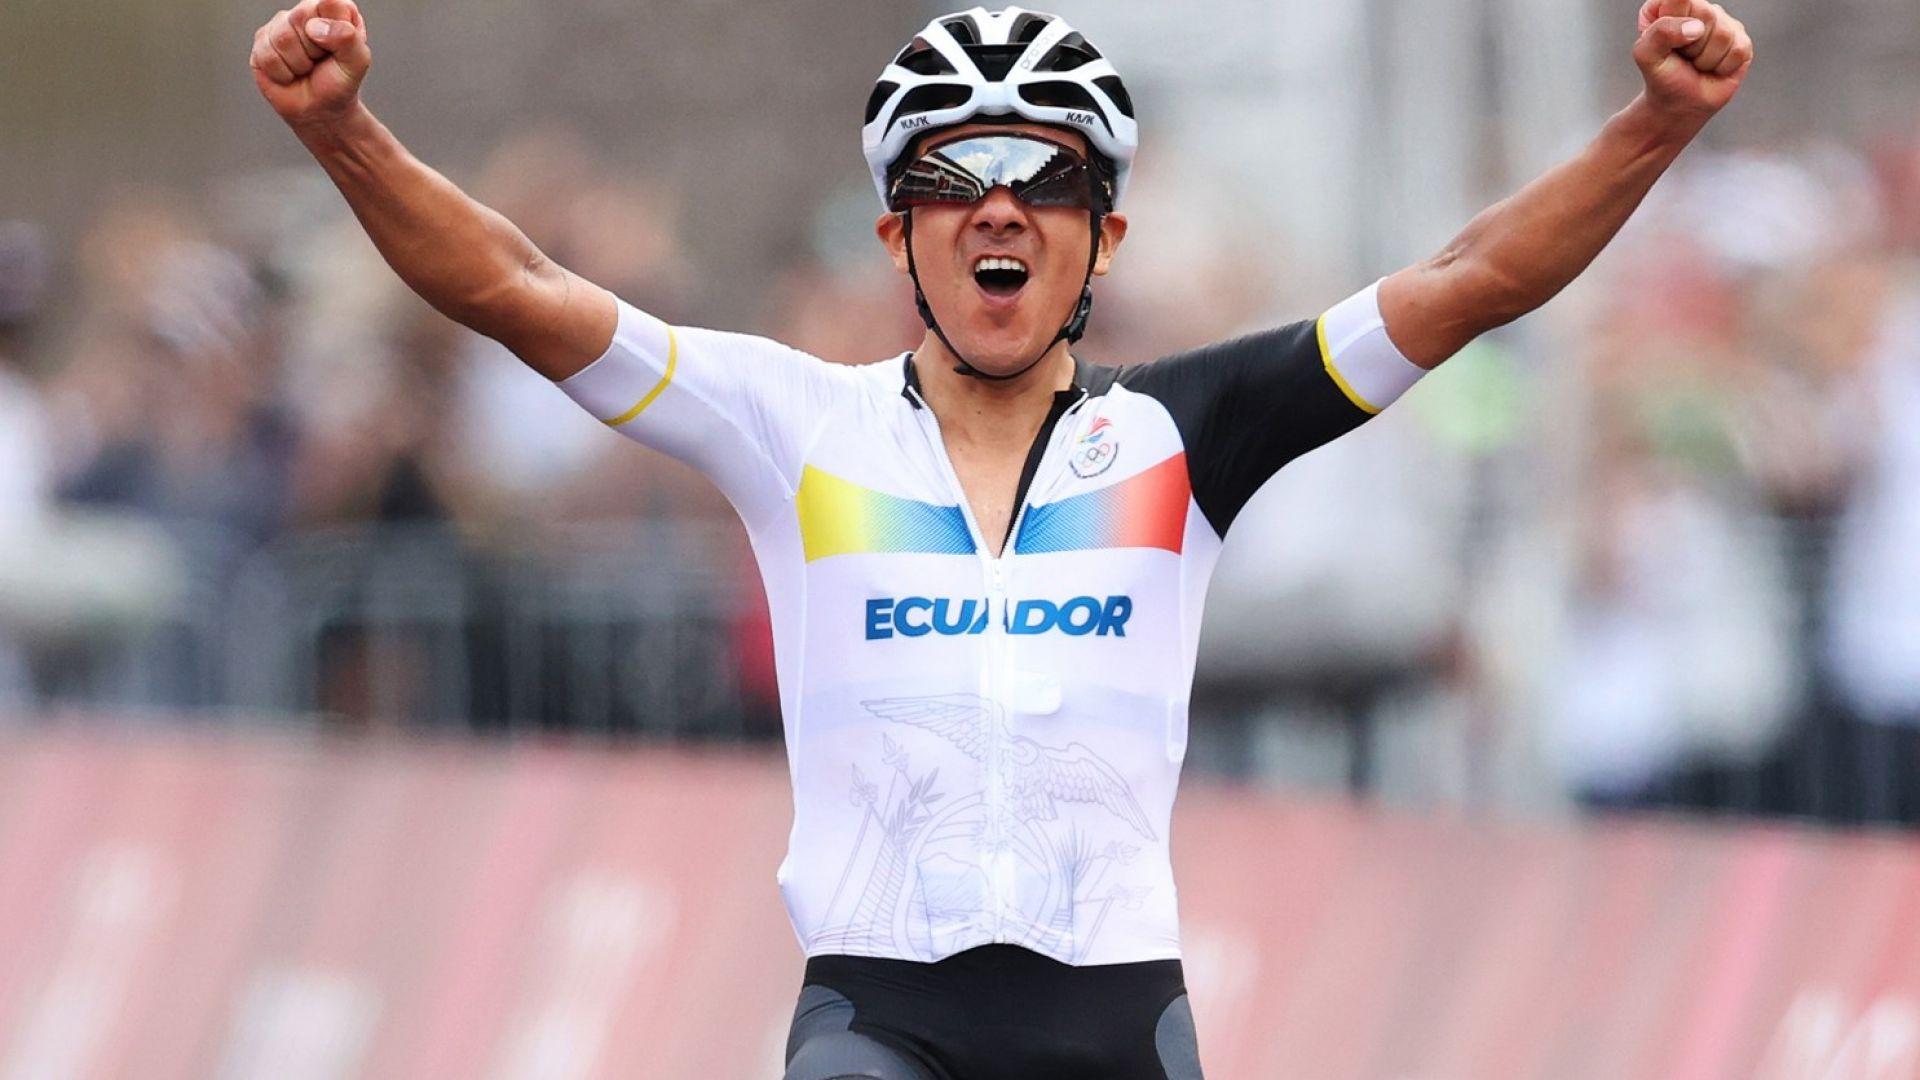 Големият колоездачен катерач Карапас донесе втора олимпийска титла на Еквадор